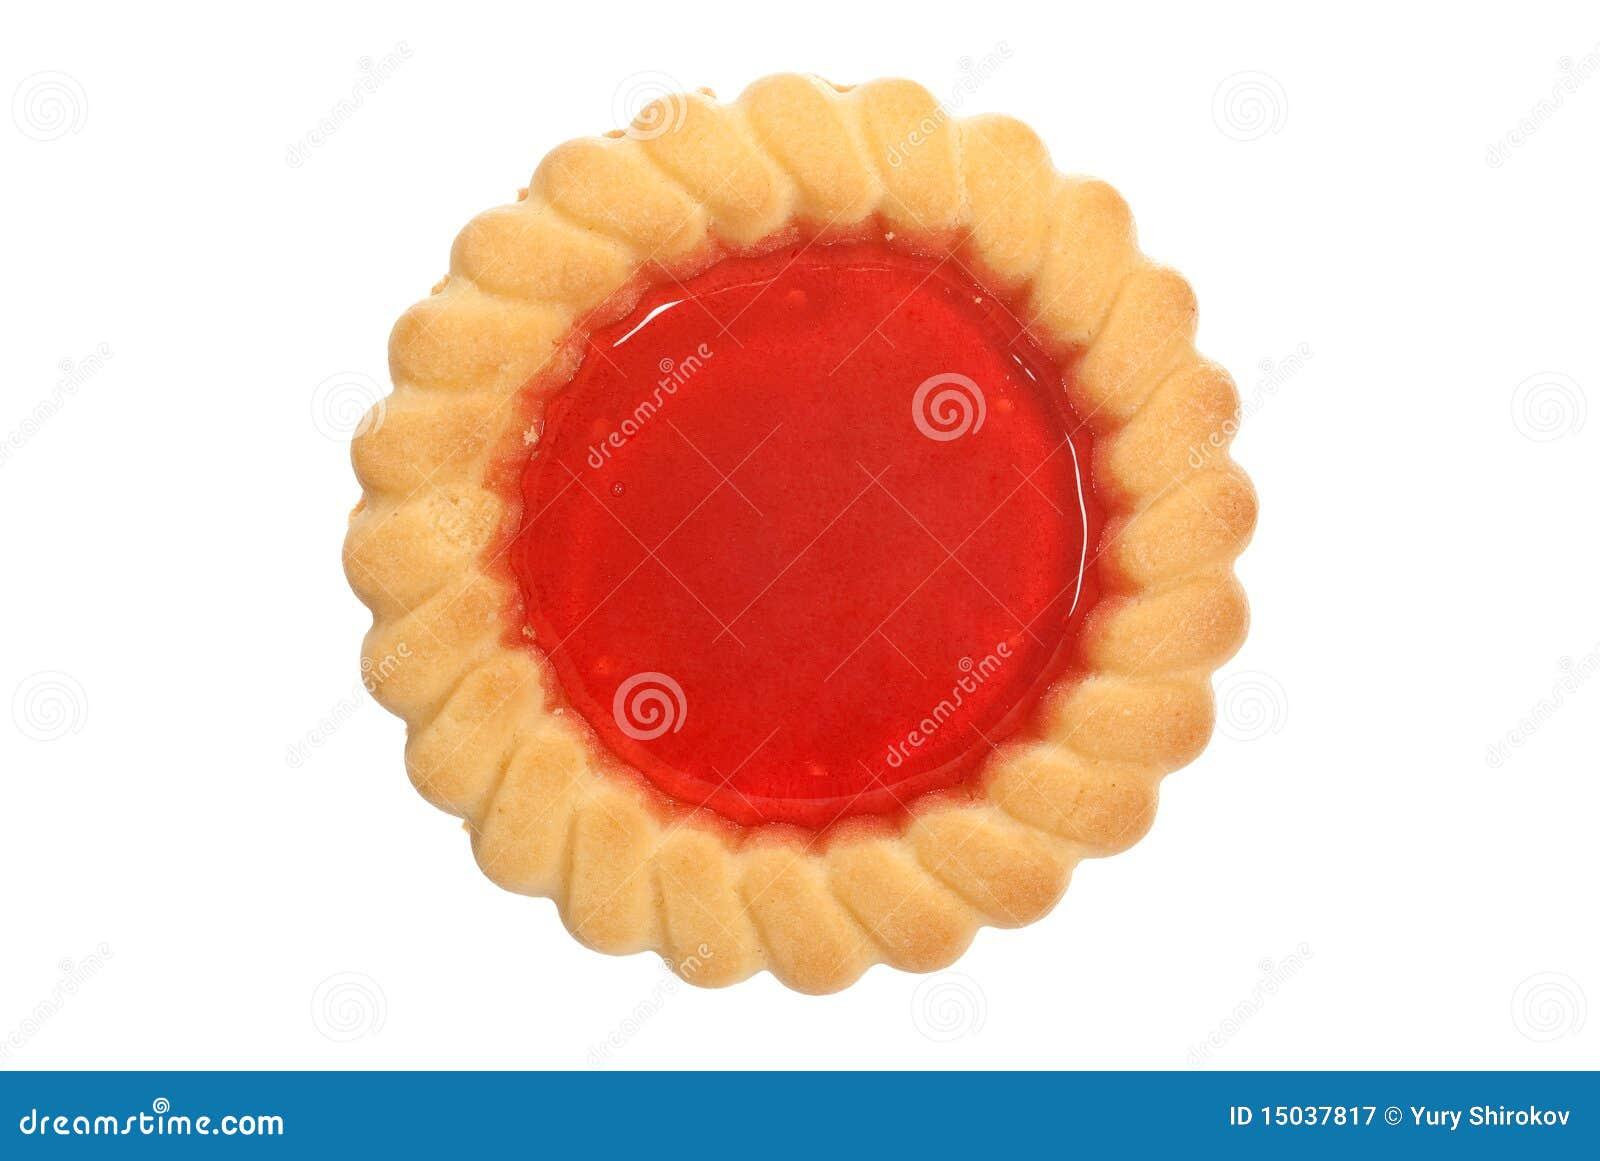 Biscuit de gelée